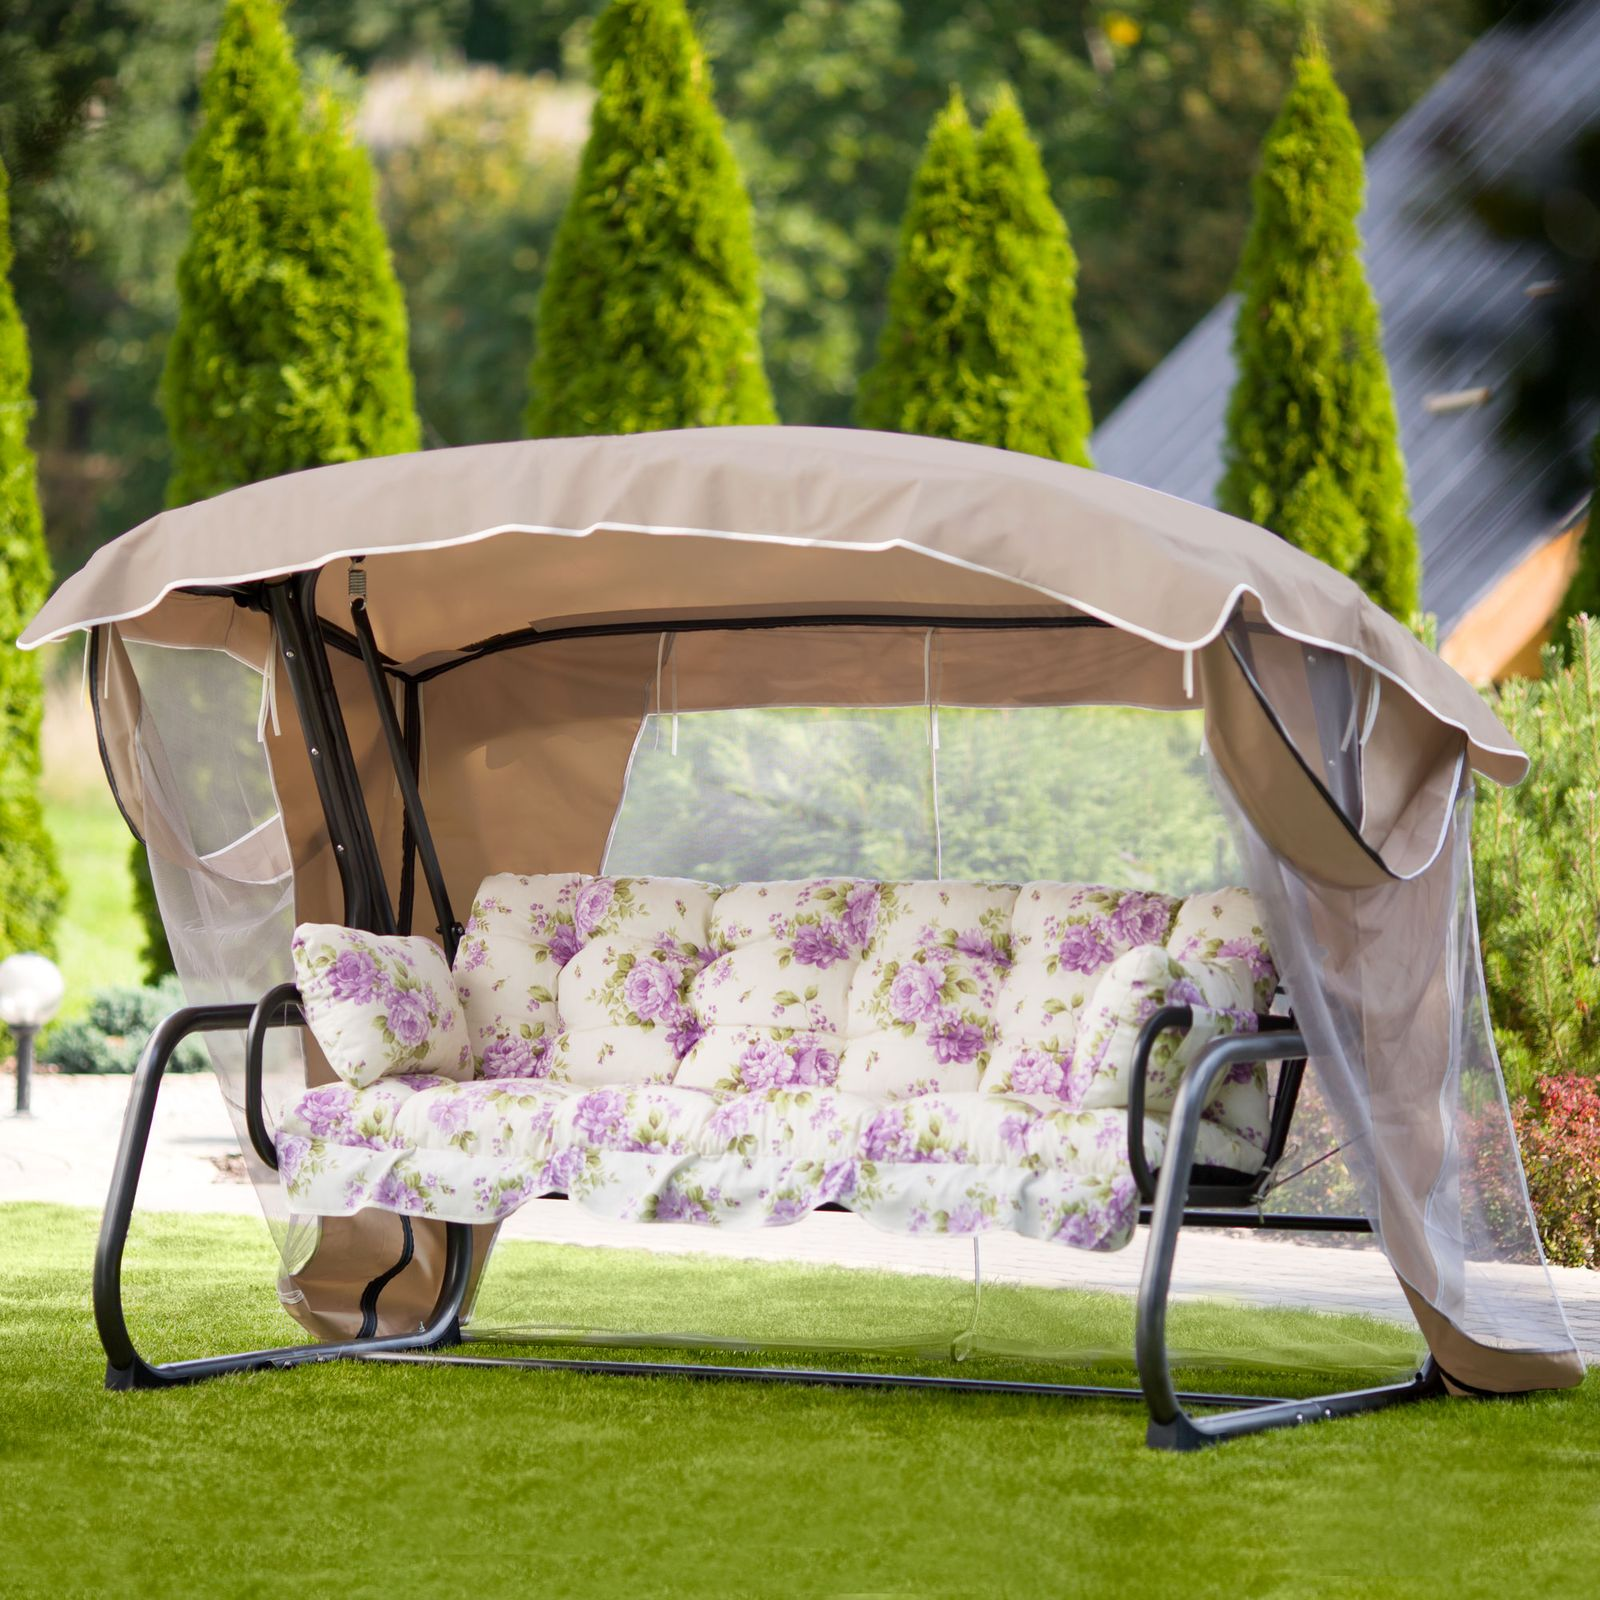 Záhradná hojdačka Ravenna Lux s moskytiérou A039-08LB PATIO